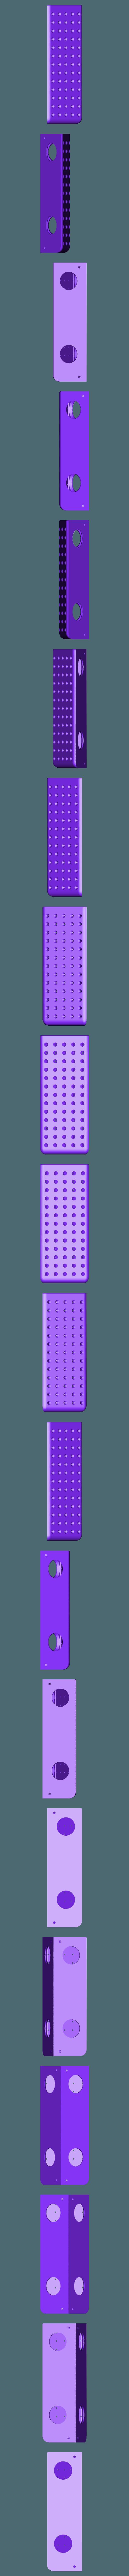 desiccant_corner.stl Télécharger fichier STL gratuit Couvercle de bobine pour les enceintes avec des bidons déshydratants en option • Modèle à imprimer en 3D, gnattycole